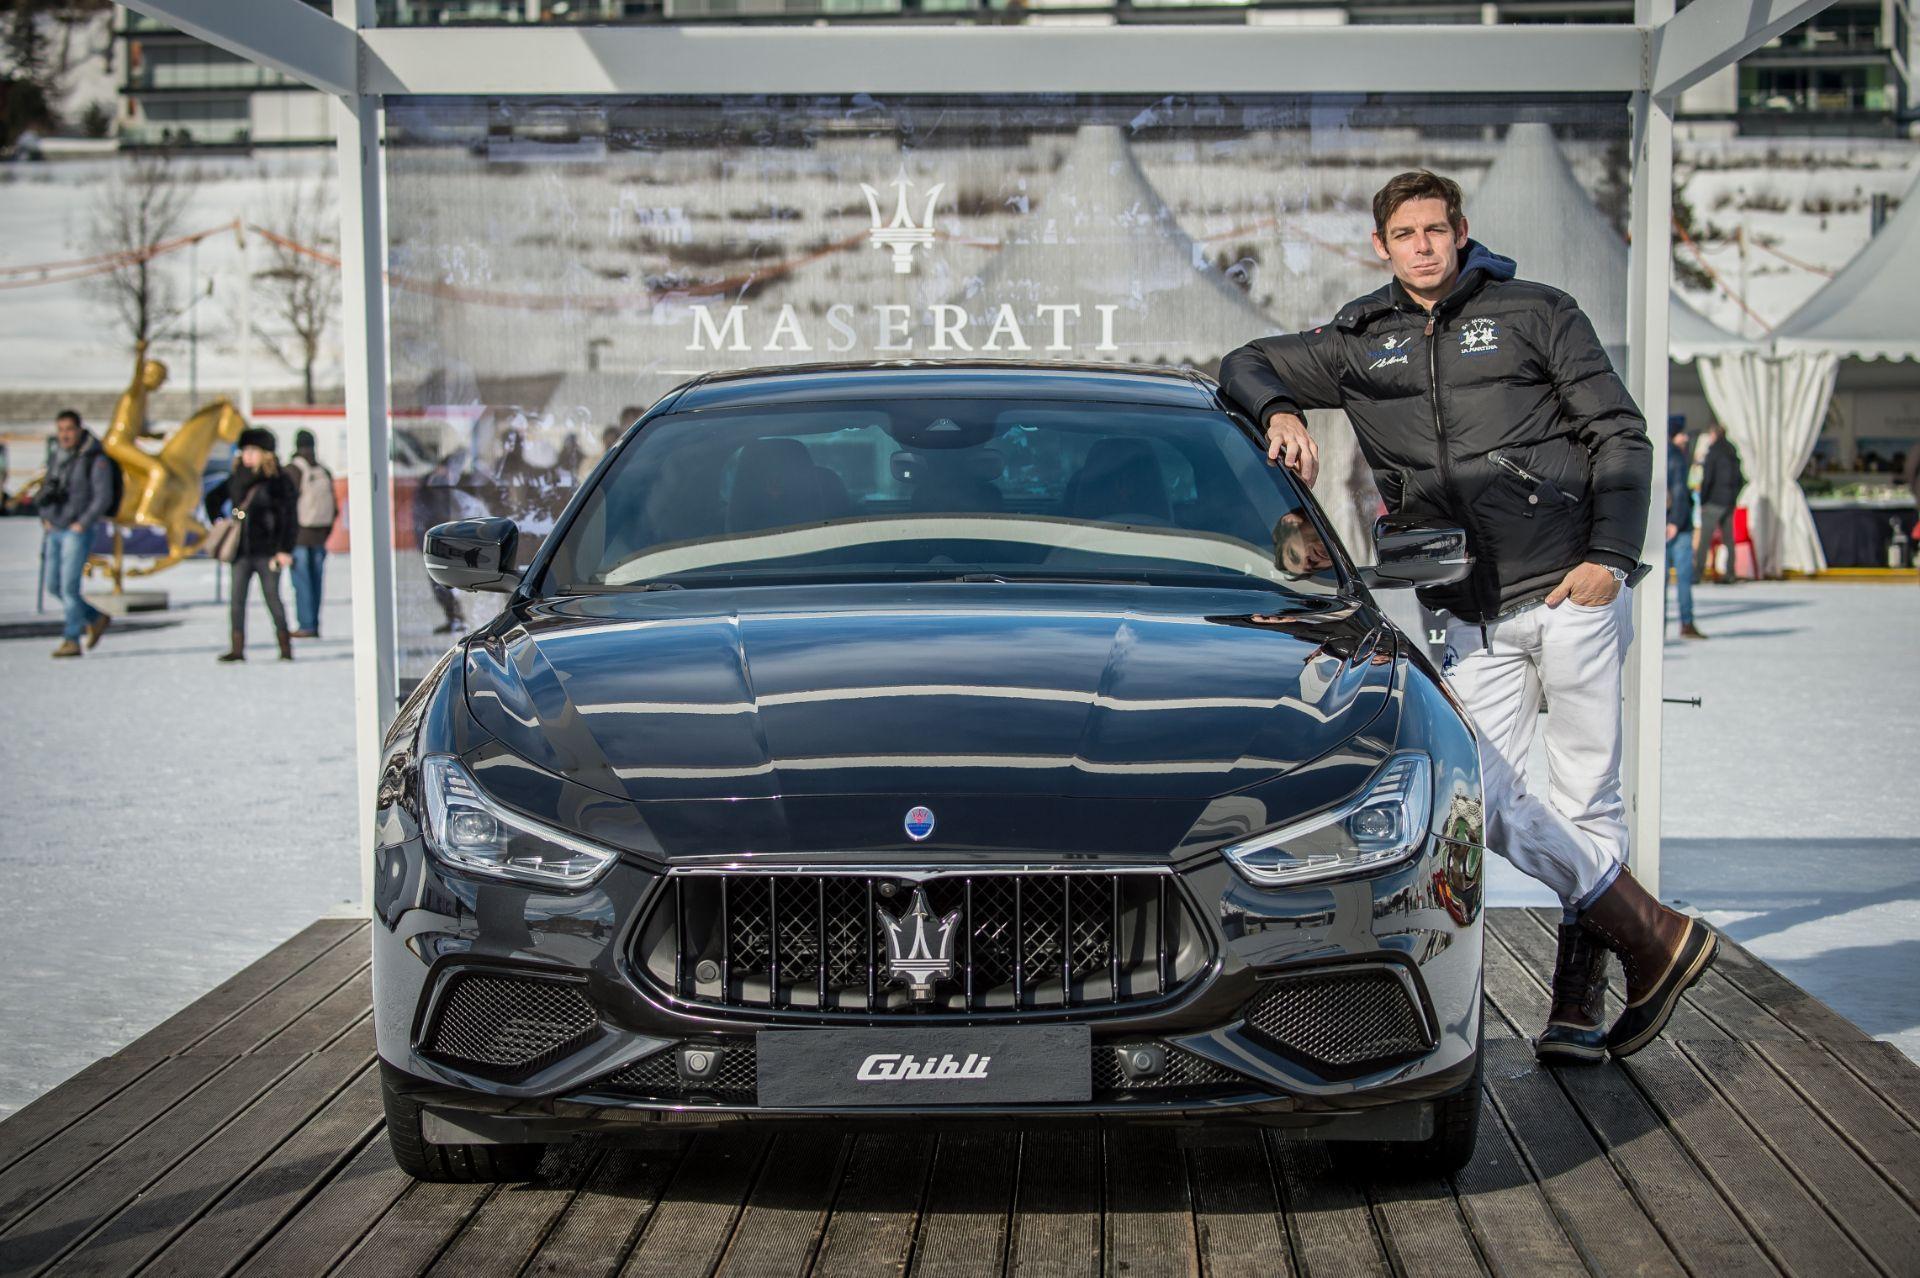 """Comienza el Maserati Polo Tour 2018 con la celebración del legendario """"Snow Polo World Cup St. Moritz"""" en colaboración con La Martina"""